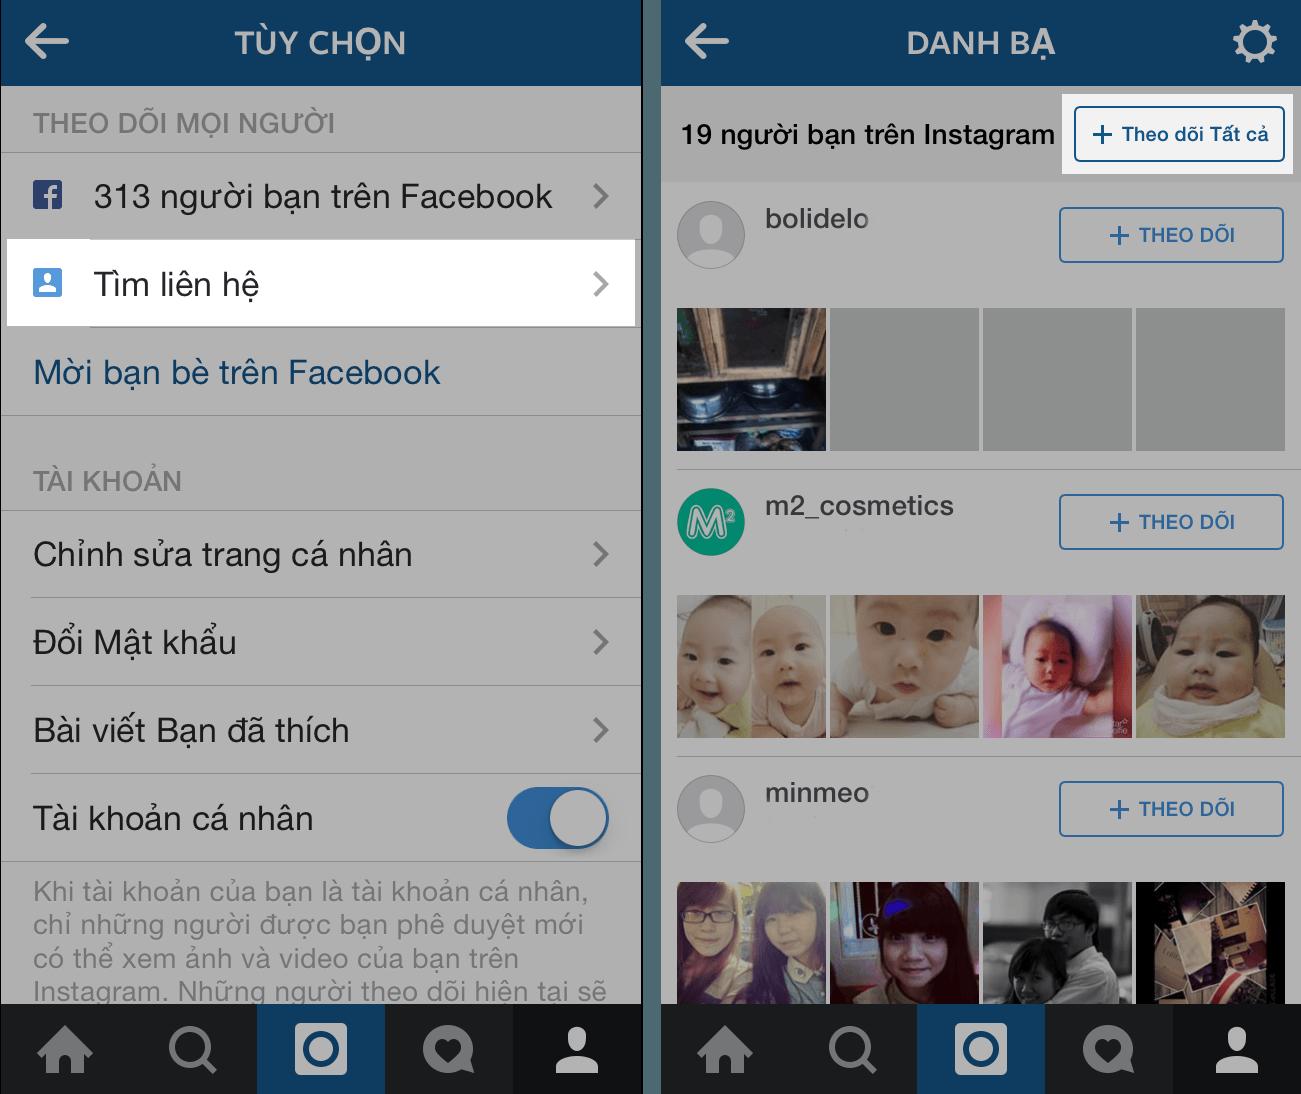 Bước 2 tiếp cận khách hàng trên instagram qua danh bạ điện thoại